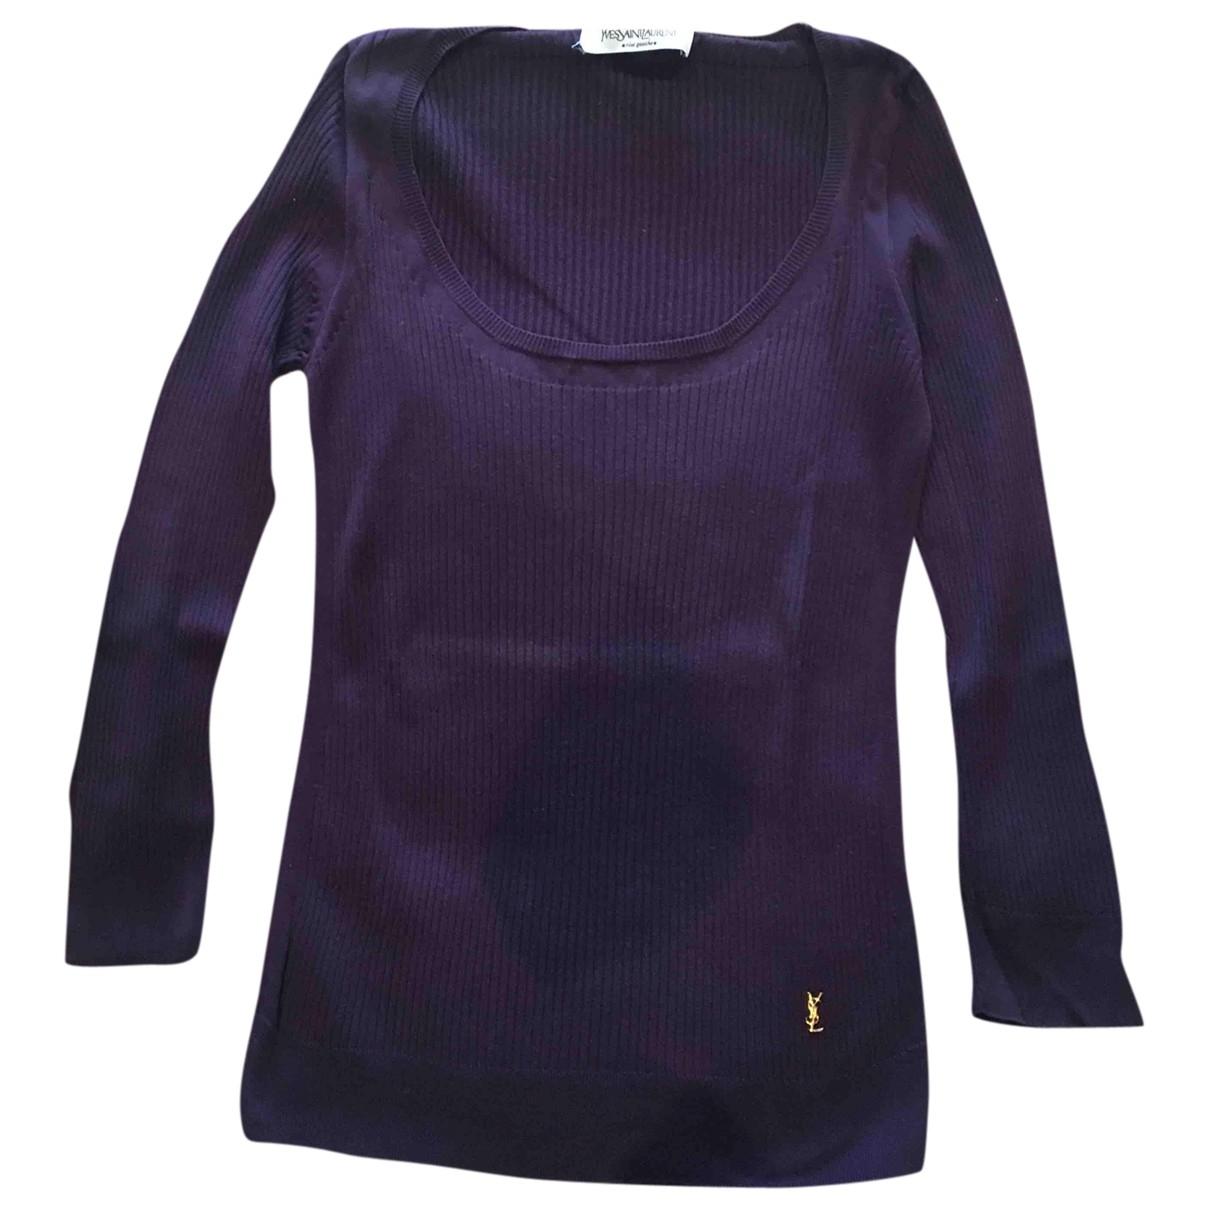 Yves Saint Laurent - Pull   pour femme en coton - violet